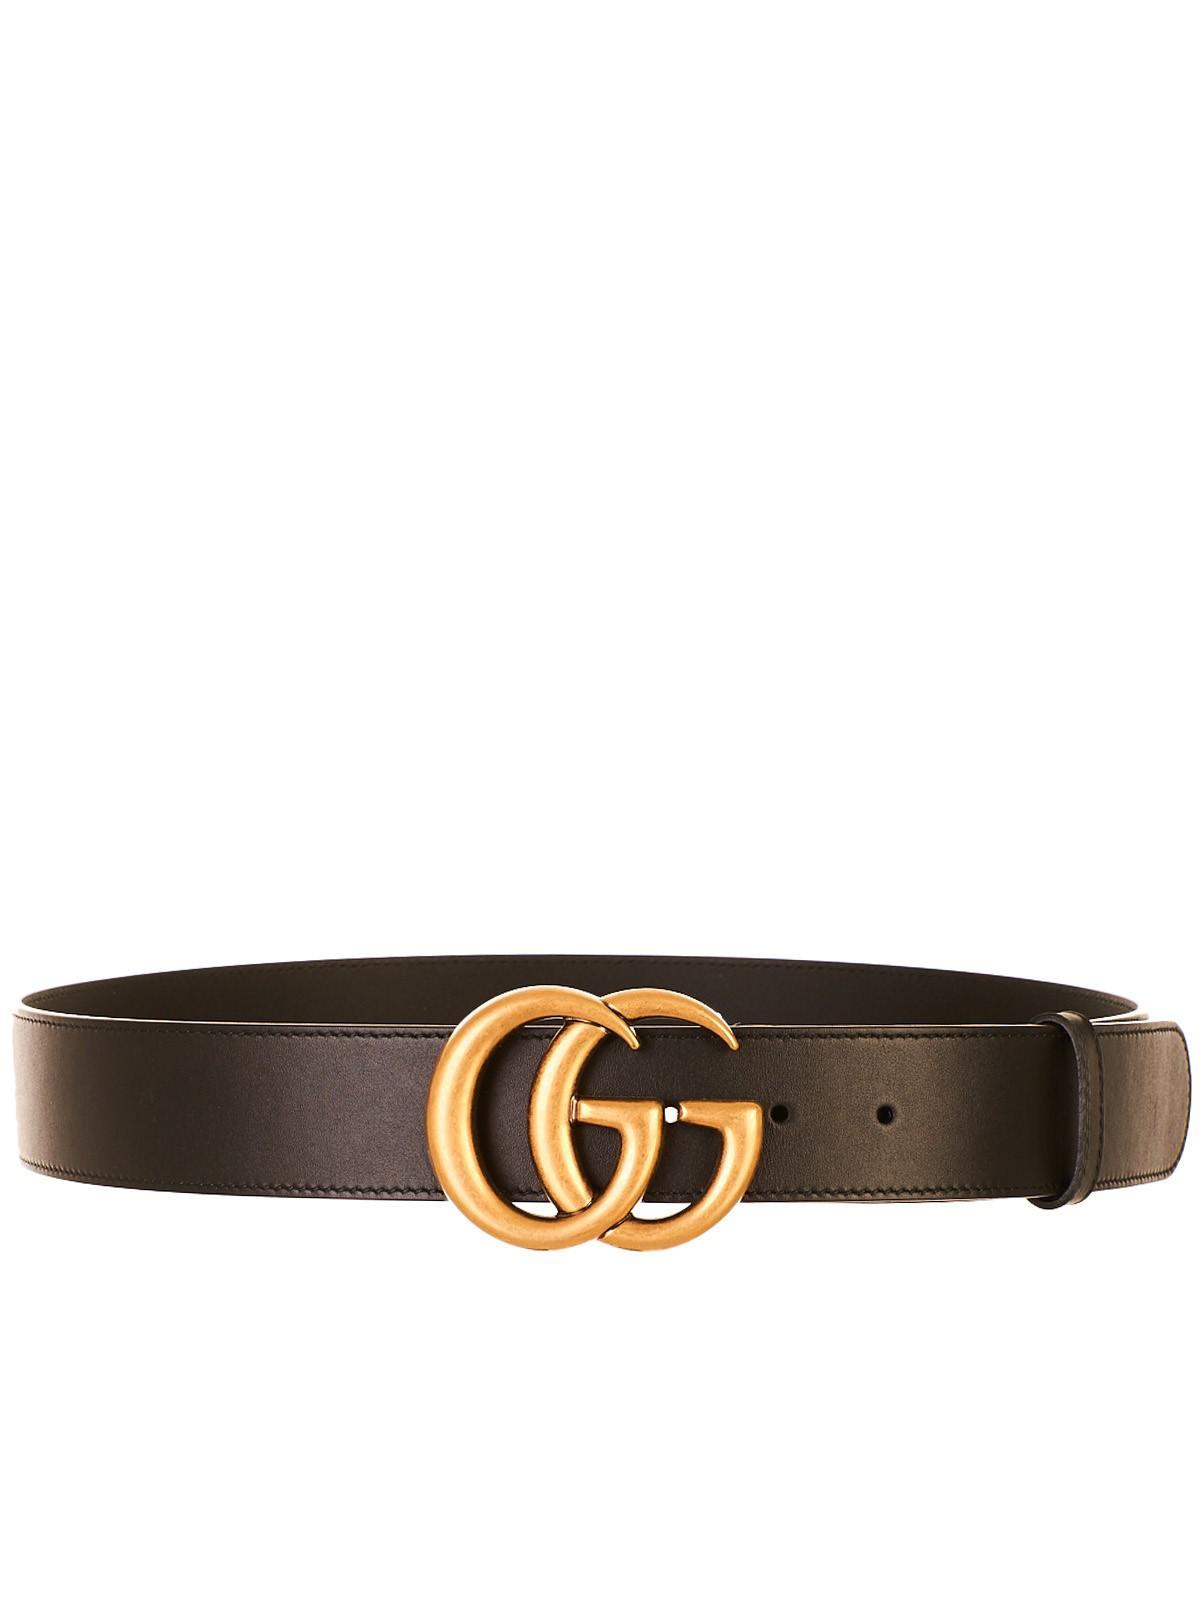 nuovo stile 4f6d7 0ae69 Gucci Multicolor Cintura GG Marmont Nera